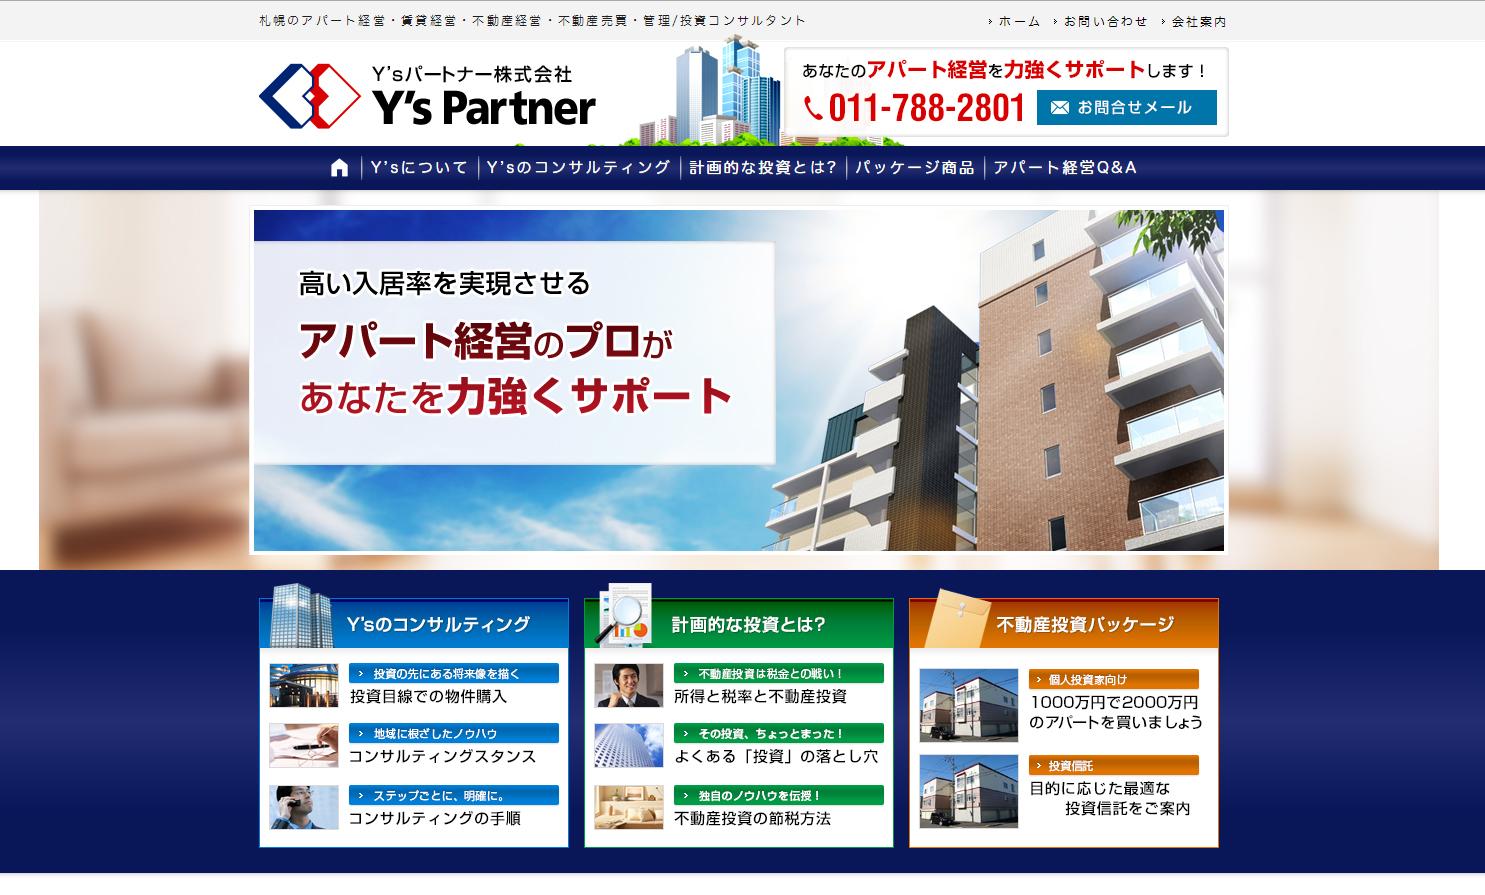 Y'sパートナー 株式会社